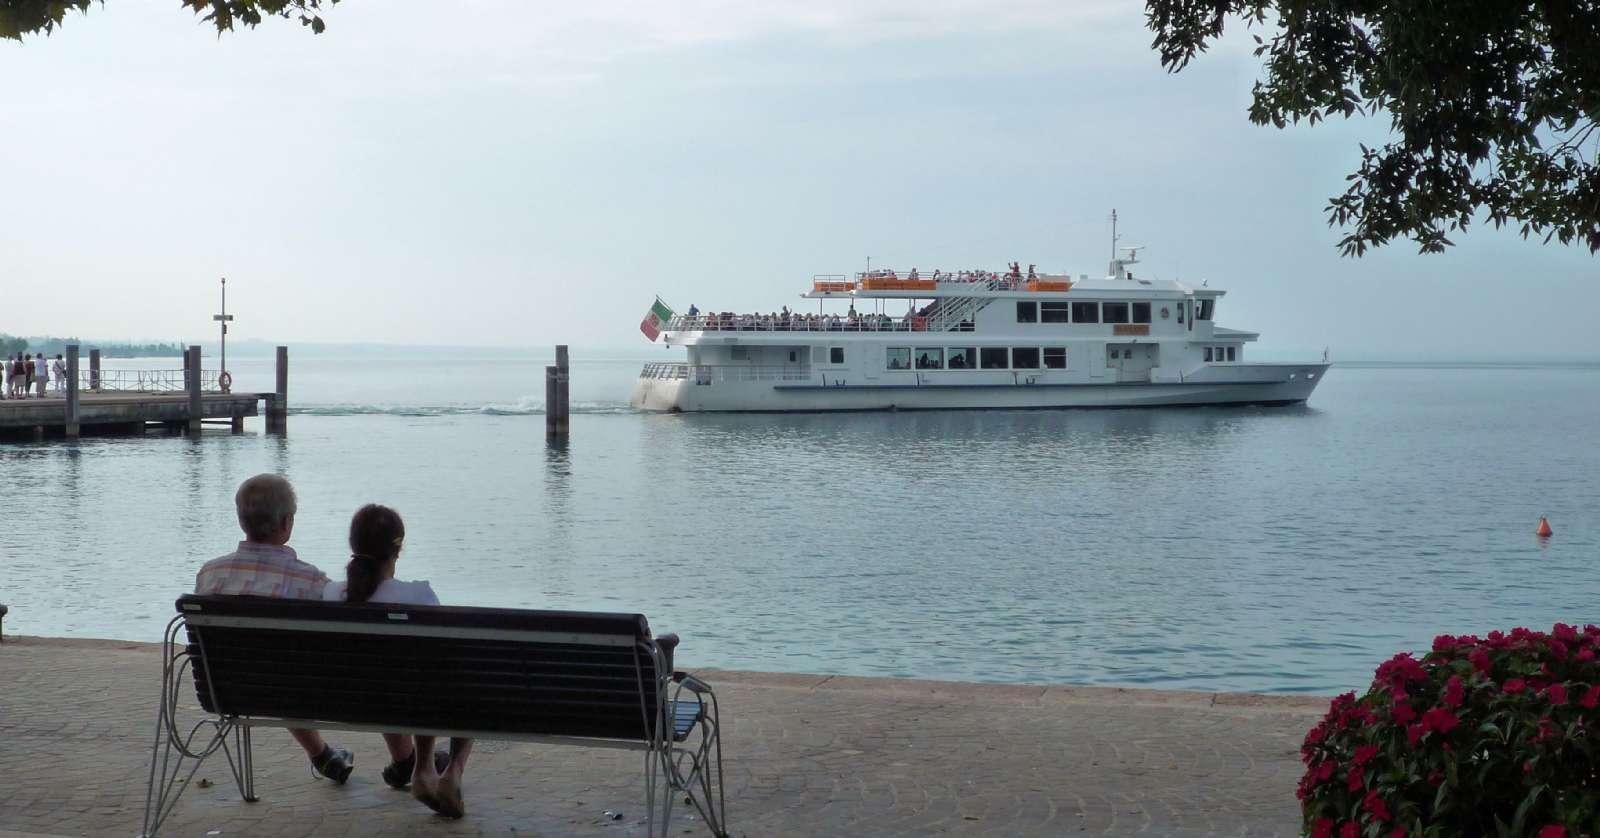 Färjan avgår ofta till övriga städer runt Gardasjön